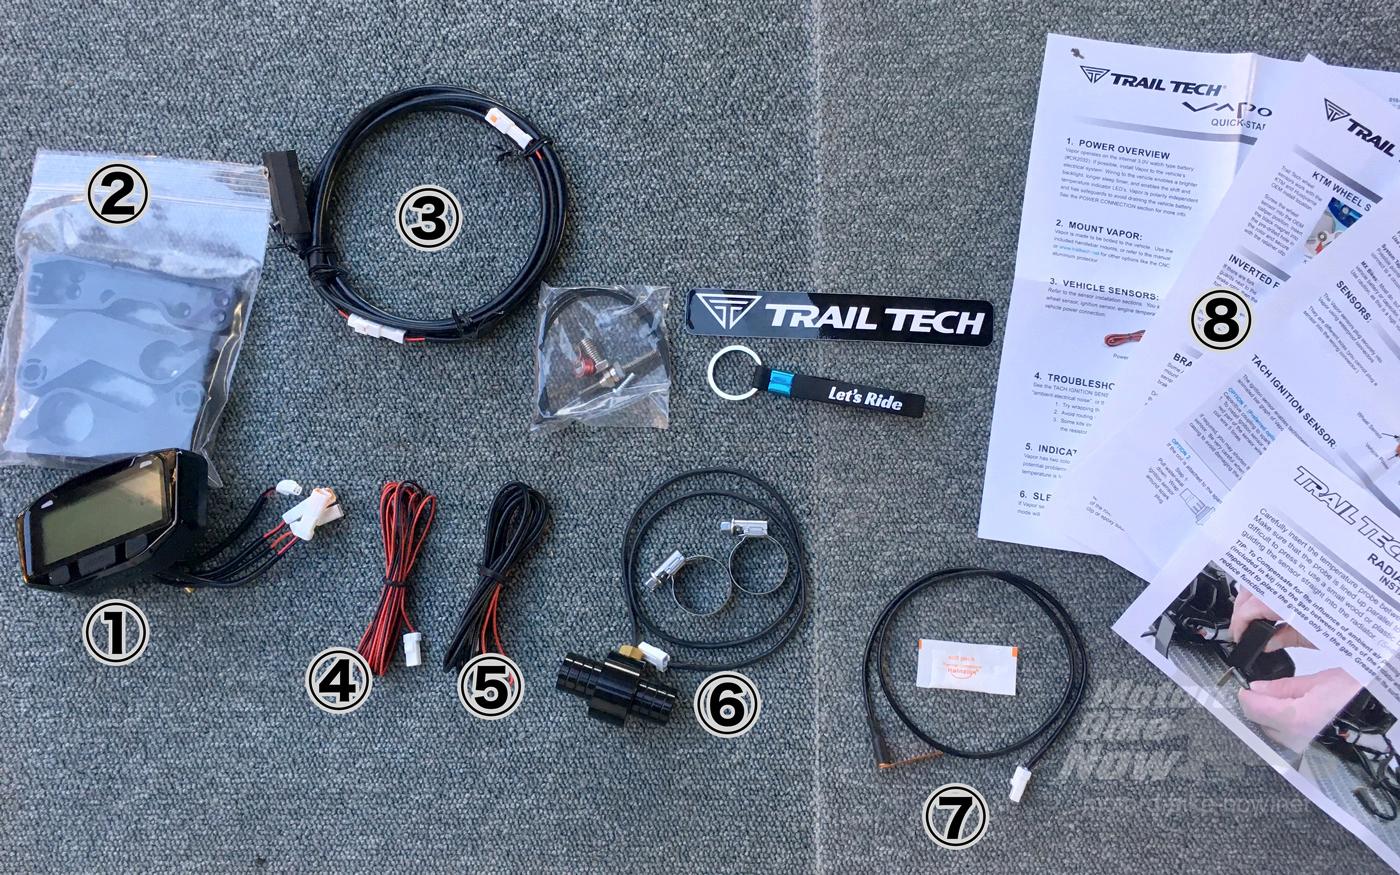 Trail Tech Vapor デジタルメーターキット CRF450L用 キット内容